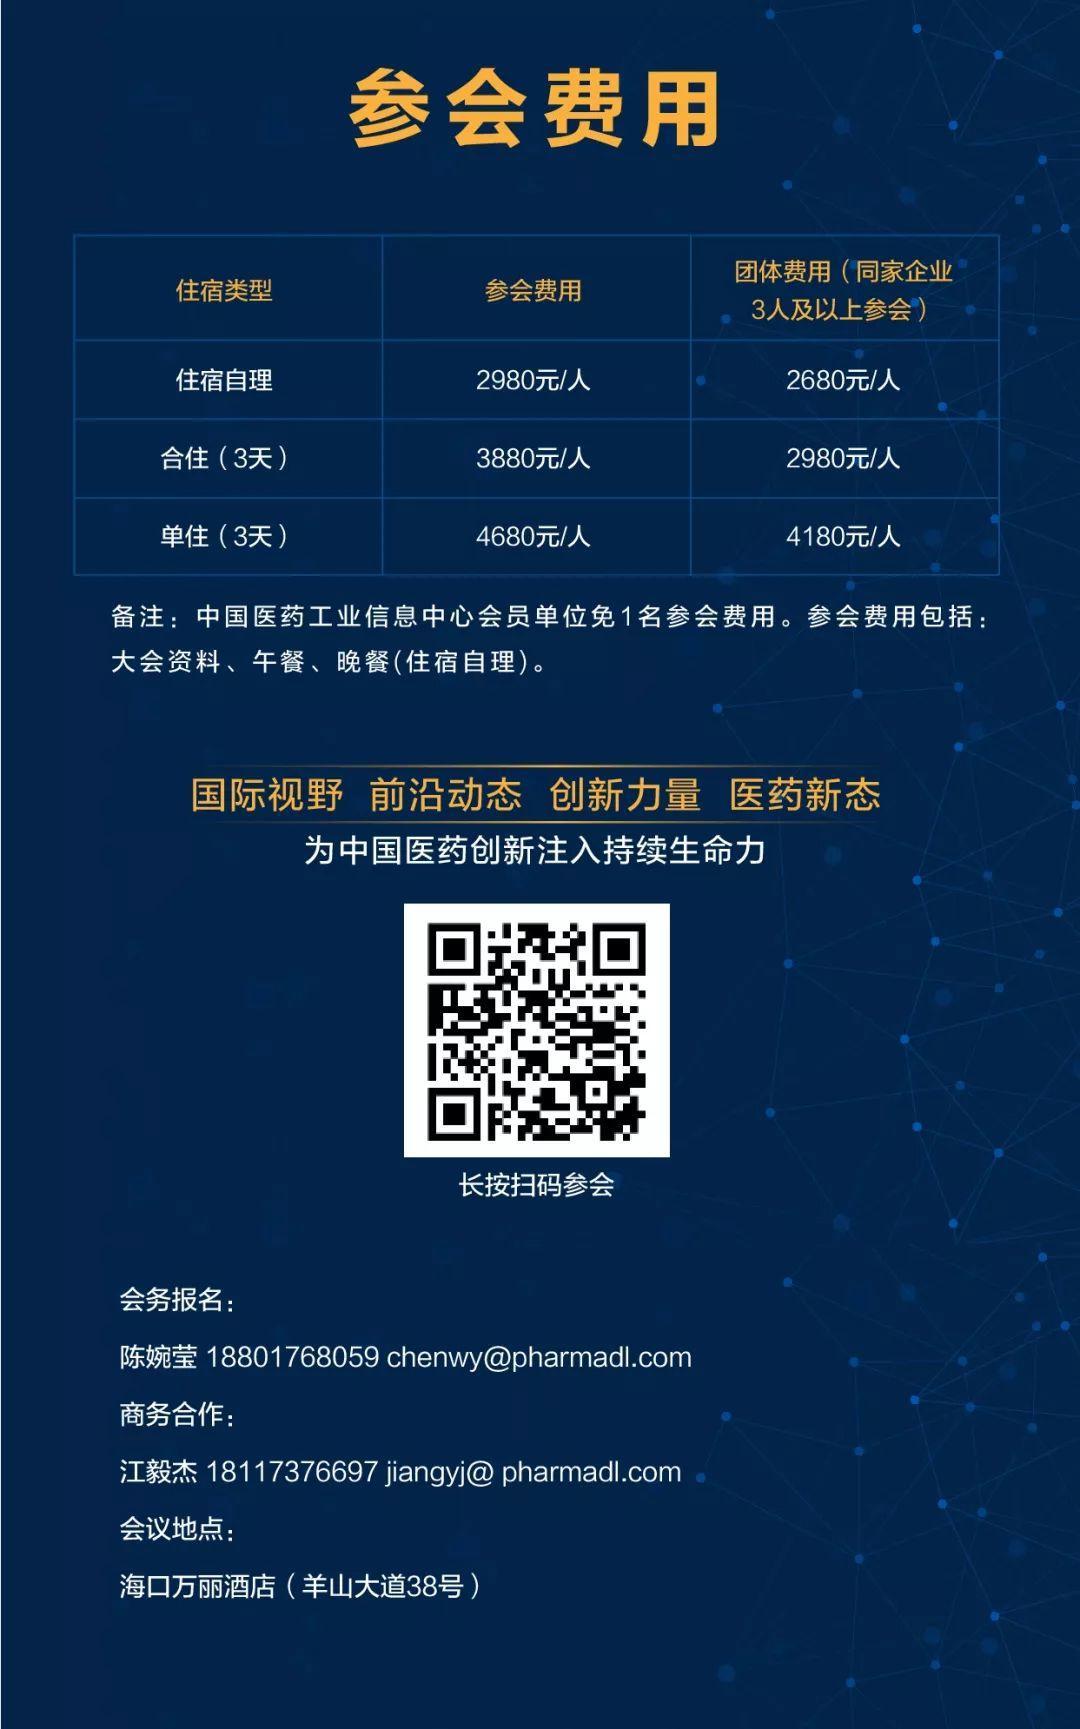 【重磅通知 】2018年(第11届)中国医药战略大会议程公布